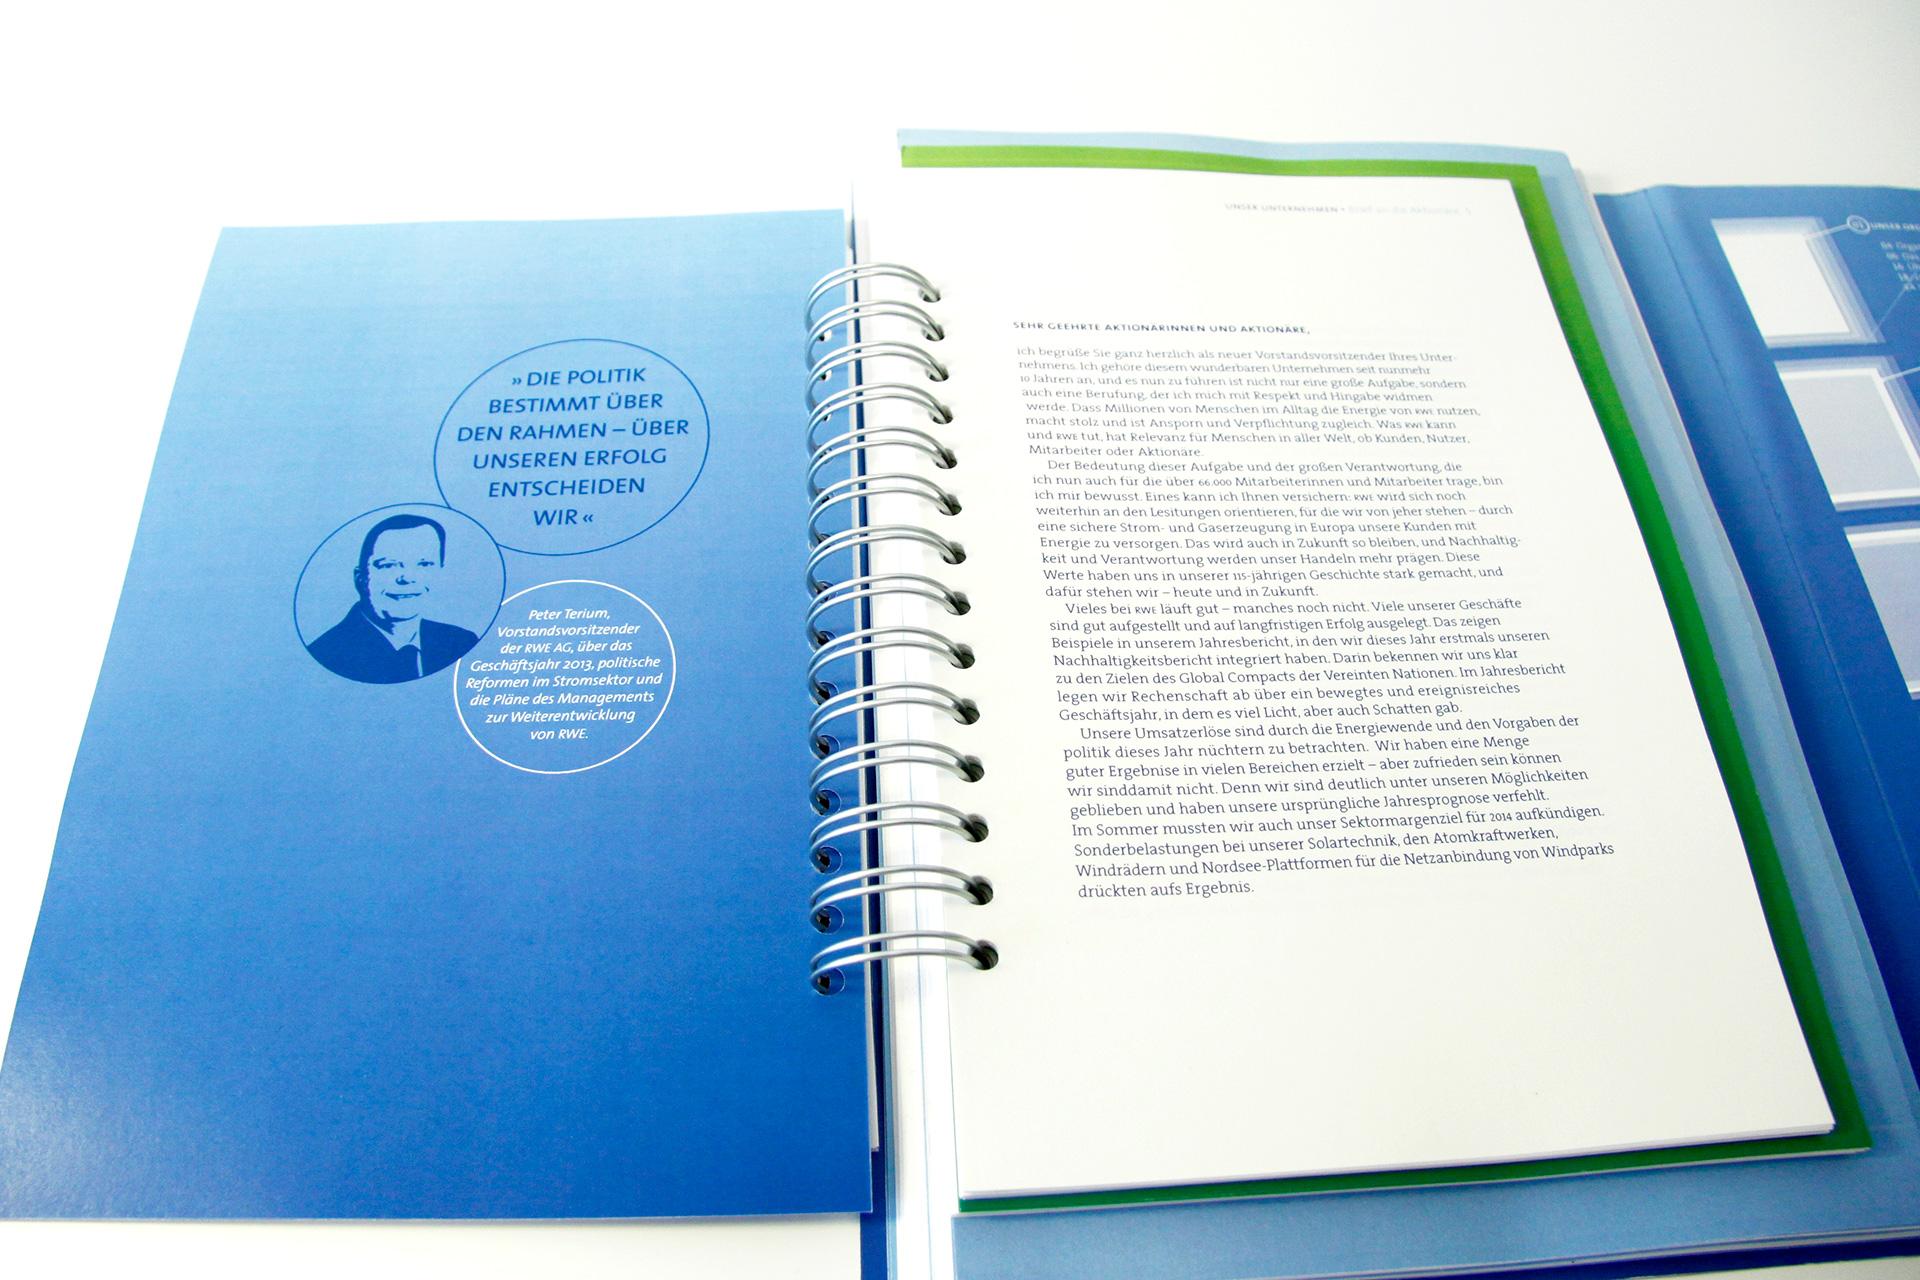 Geschäftsbericht, Kommunikation, Design, Layout, Konzept, Grafik, Inforgrafiken, RWE, Fh Münster, CCI, Bennet Grüttner